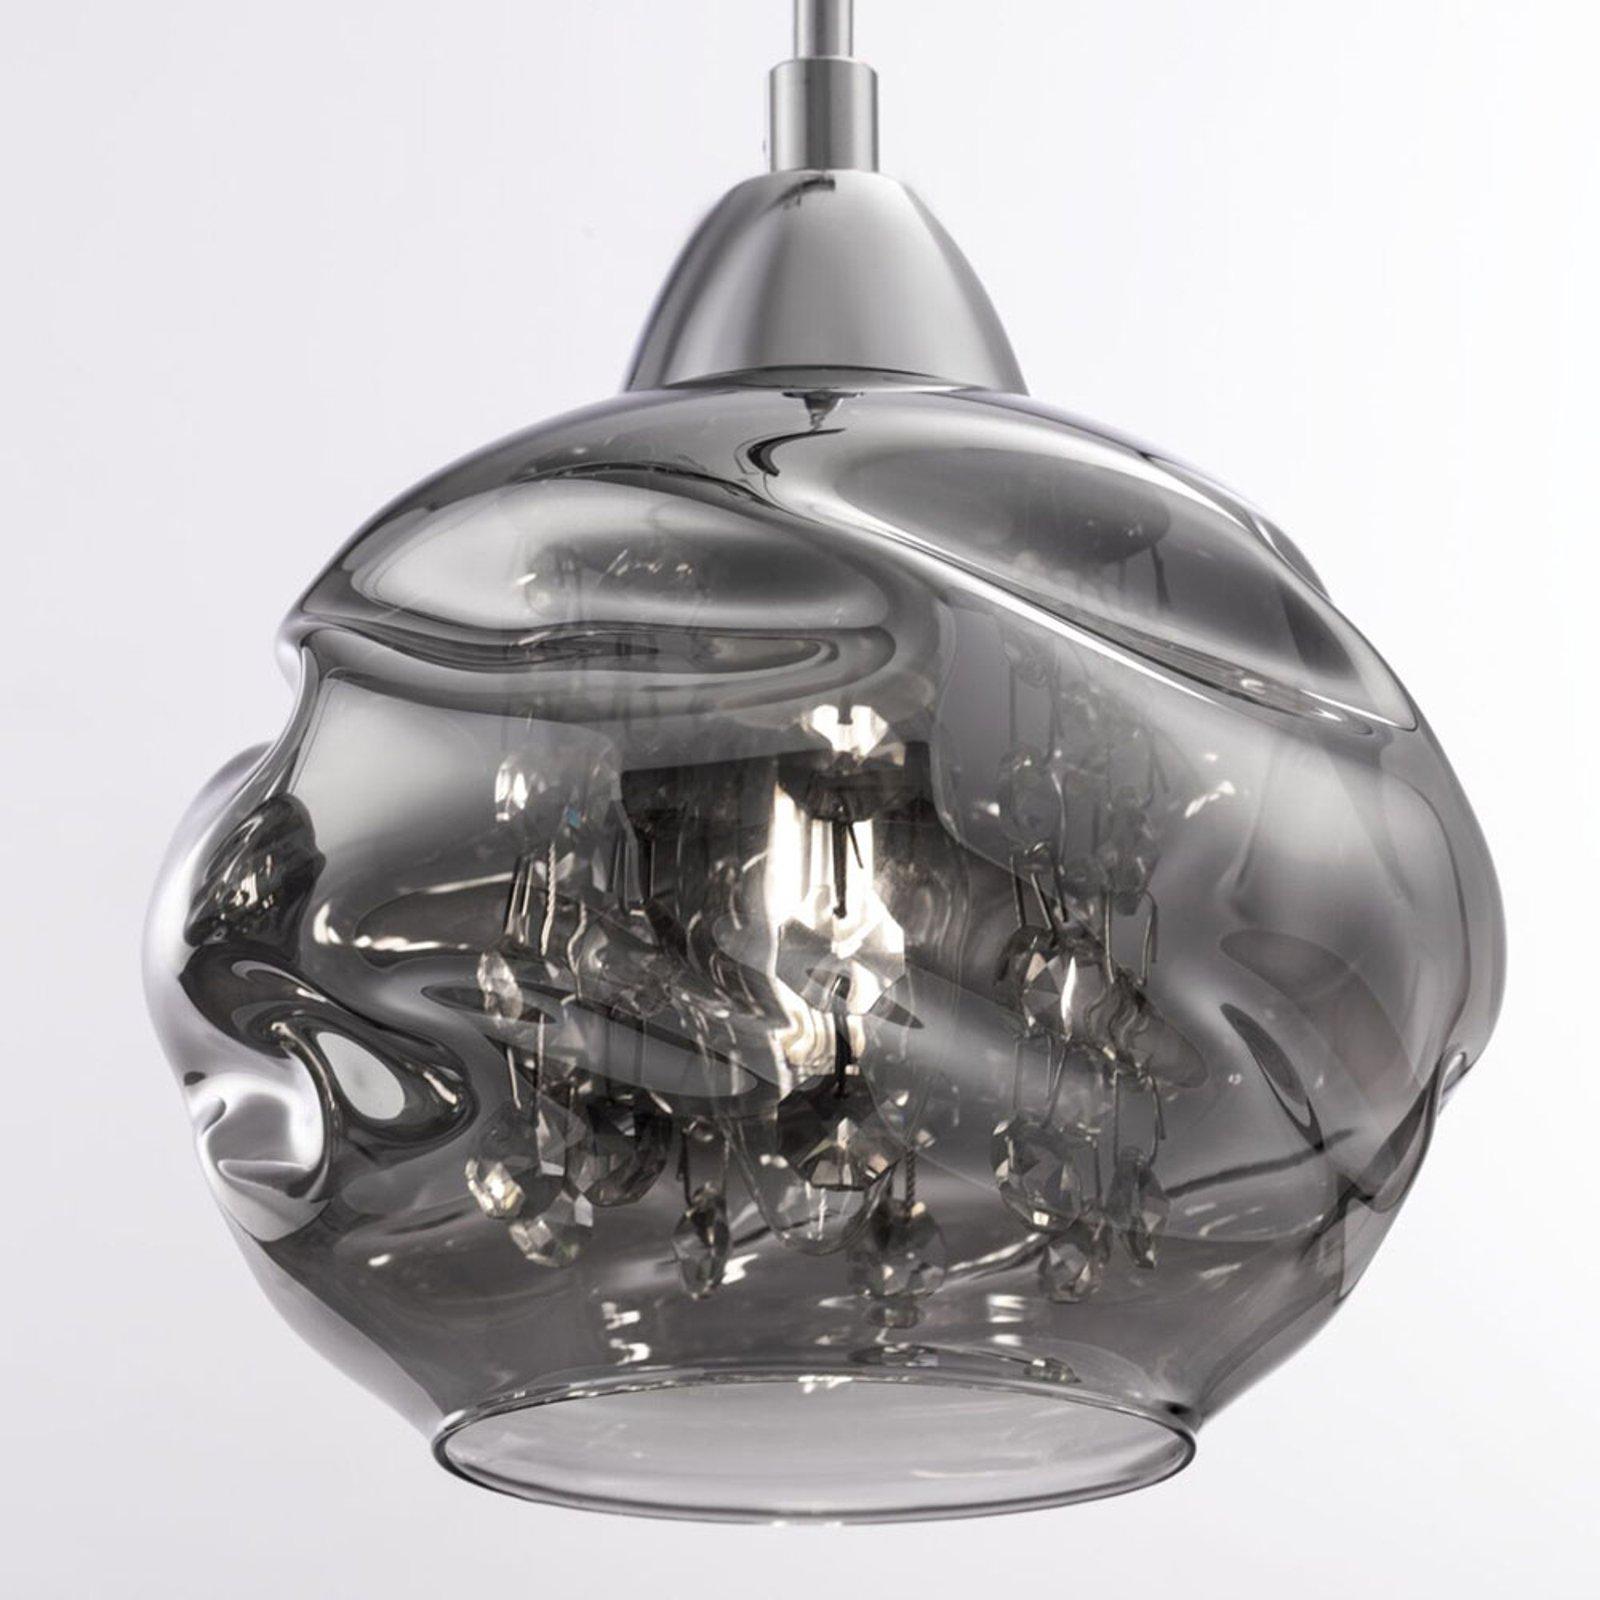 Haze hengelampe, 3 lyskilder med glasskjermer